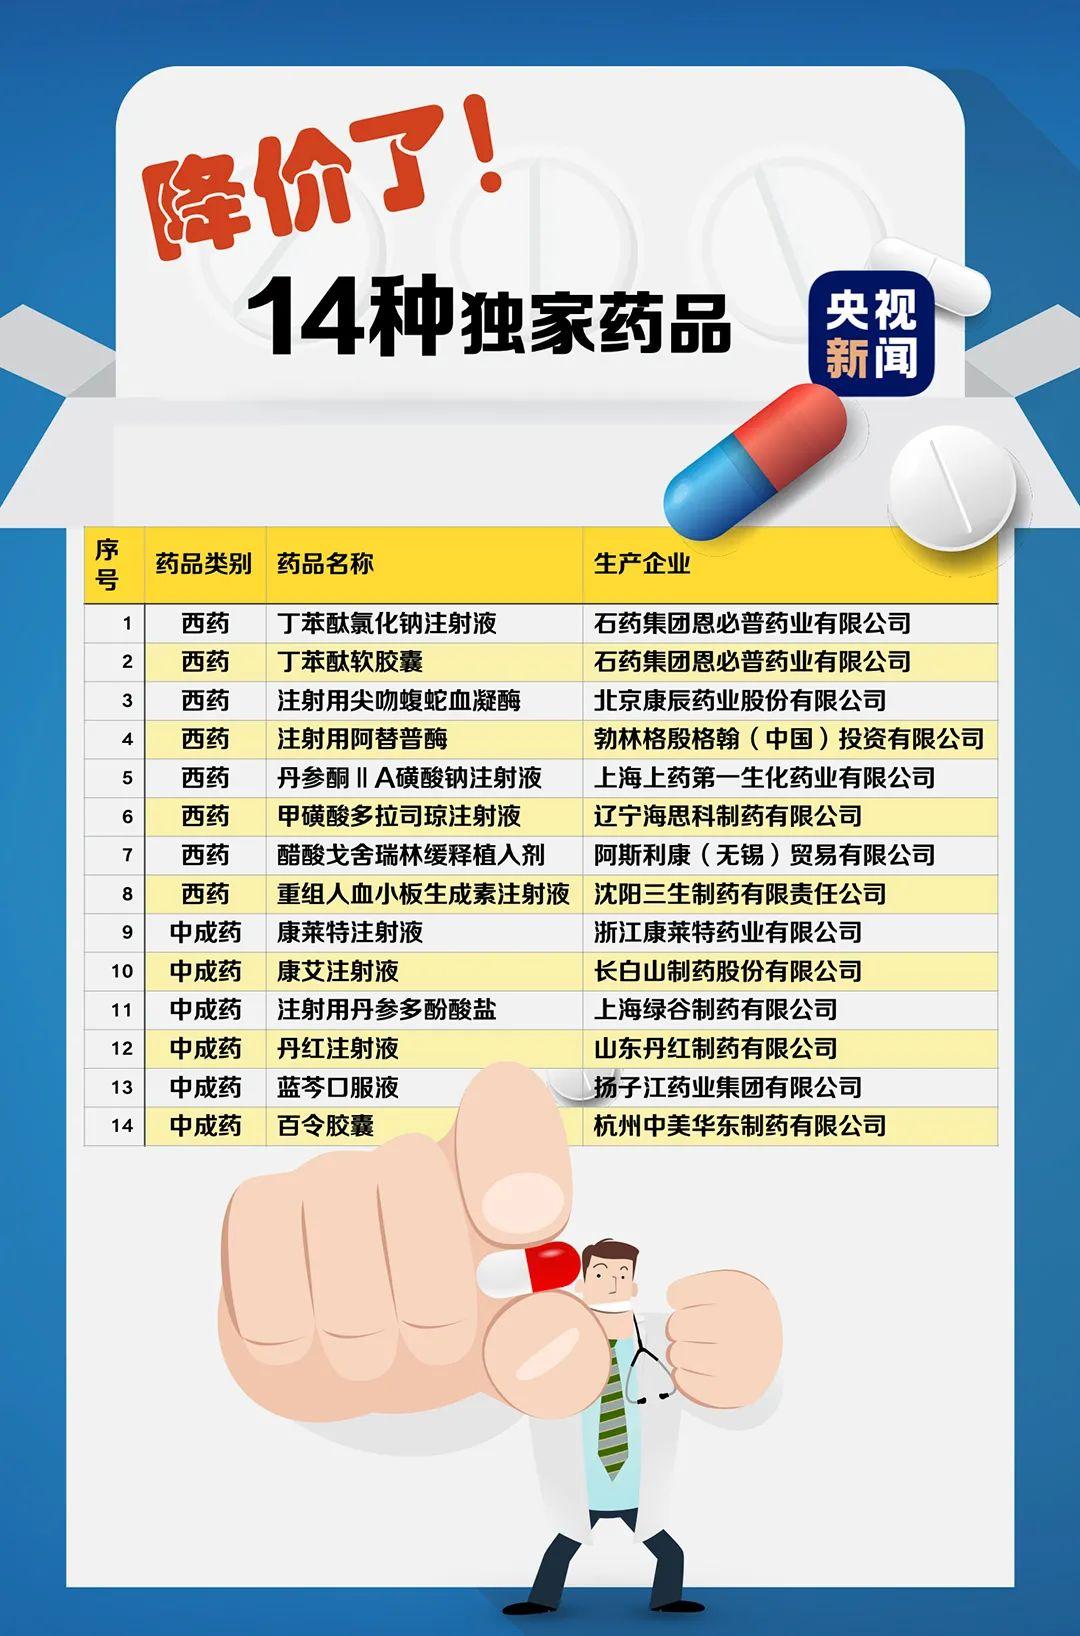 谈成了!119种药品新纳入医保 含治疗新冠肺炎药品